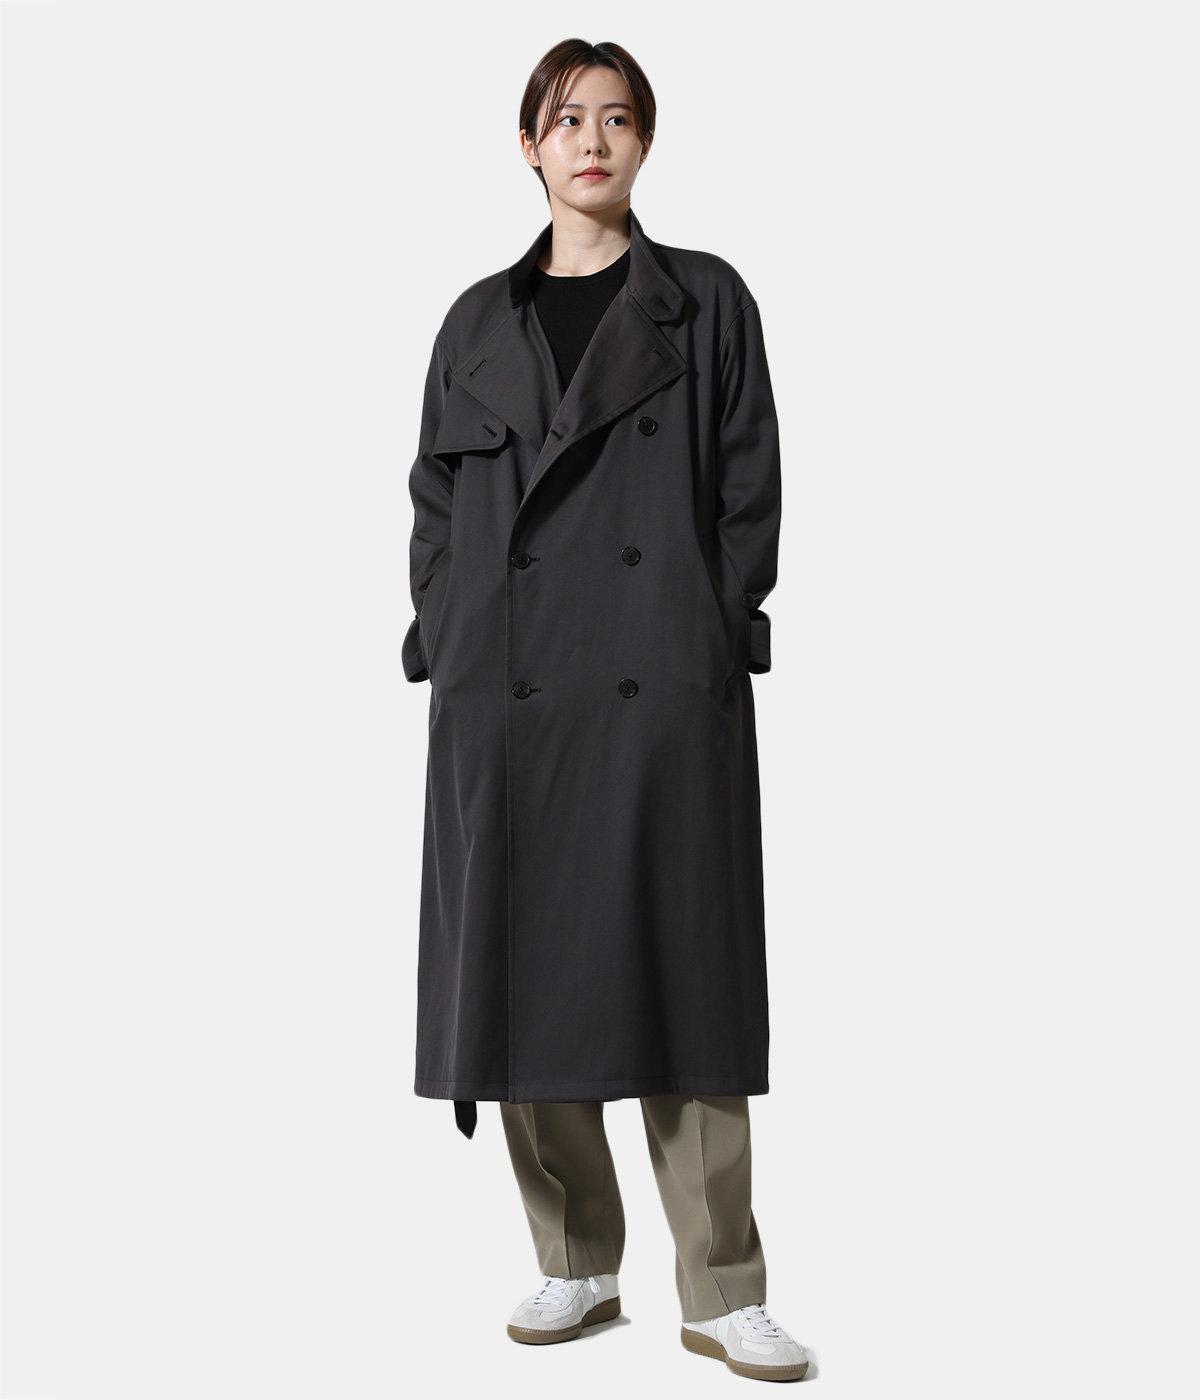 【レディース】WASHED FINX CHAMBRAY TWILL LONG COAT